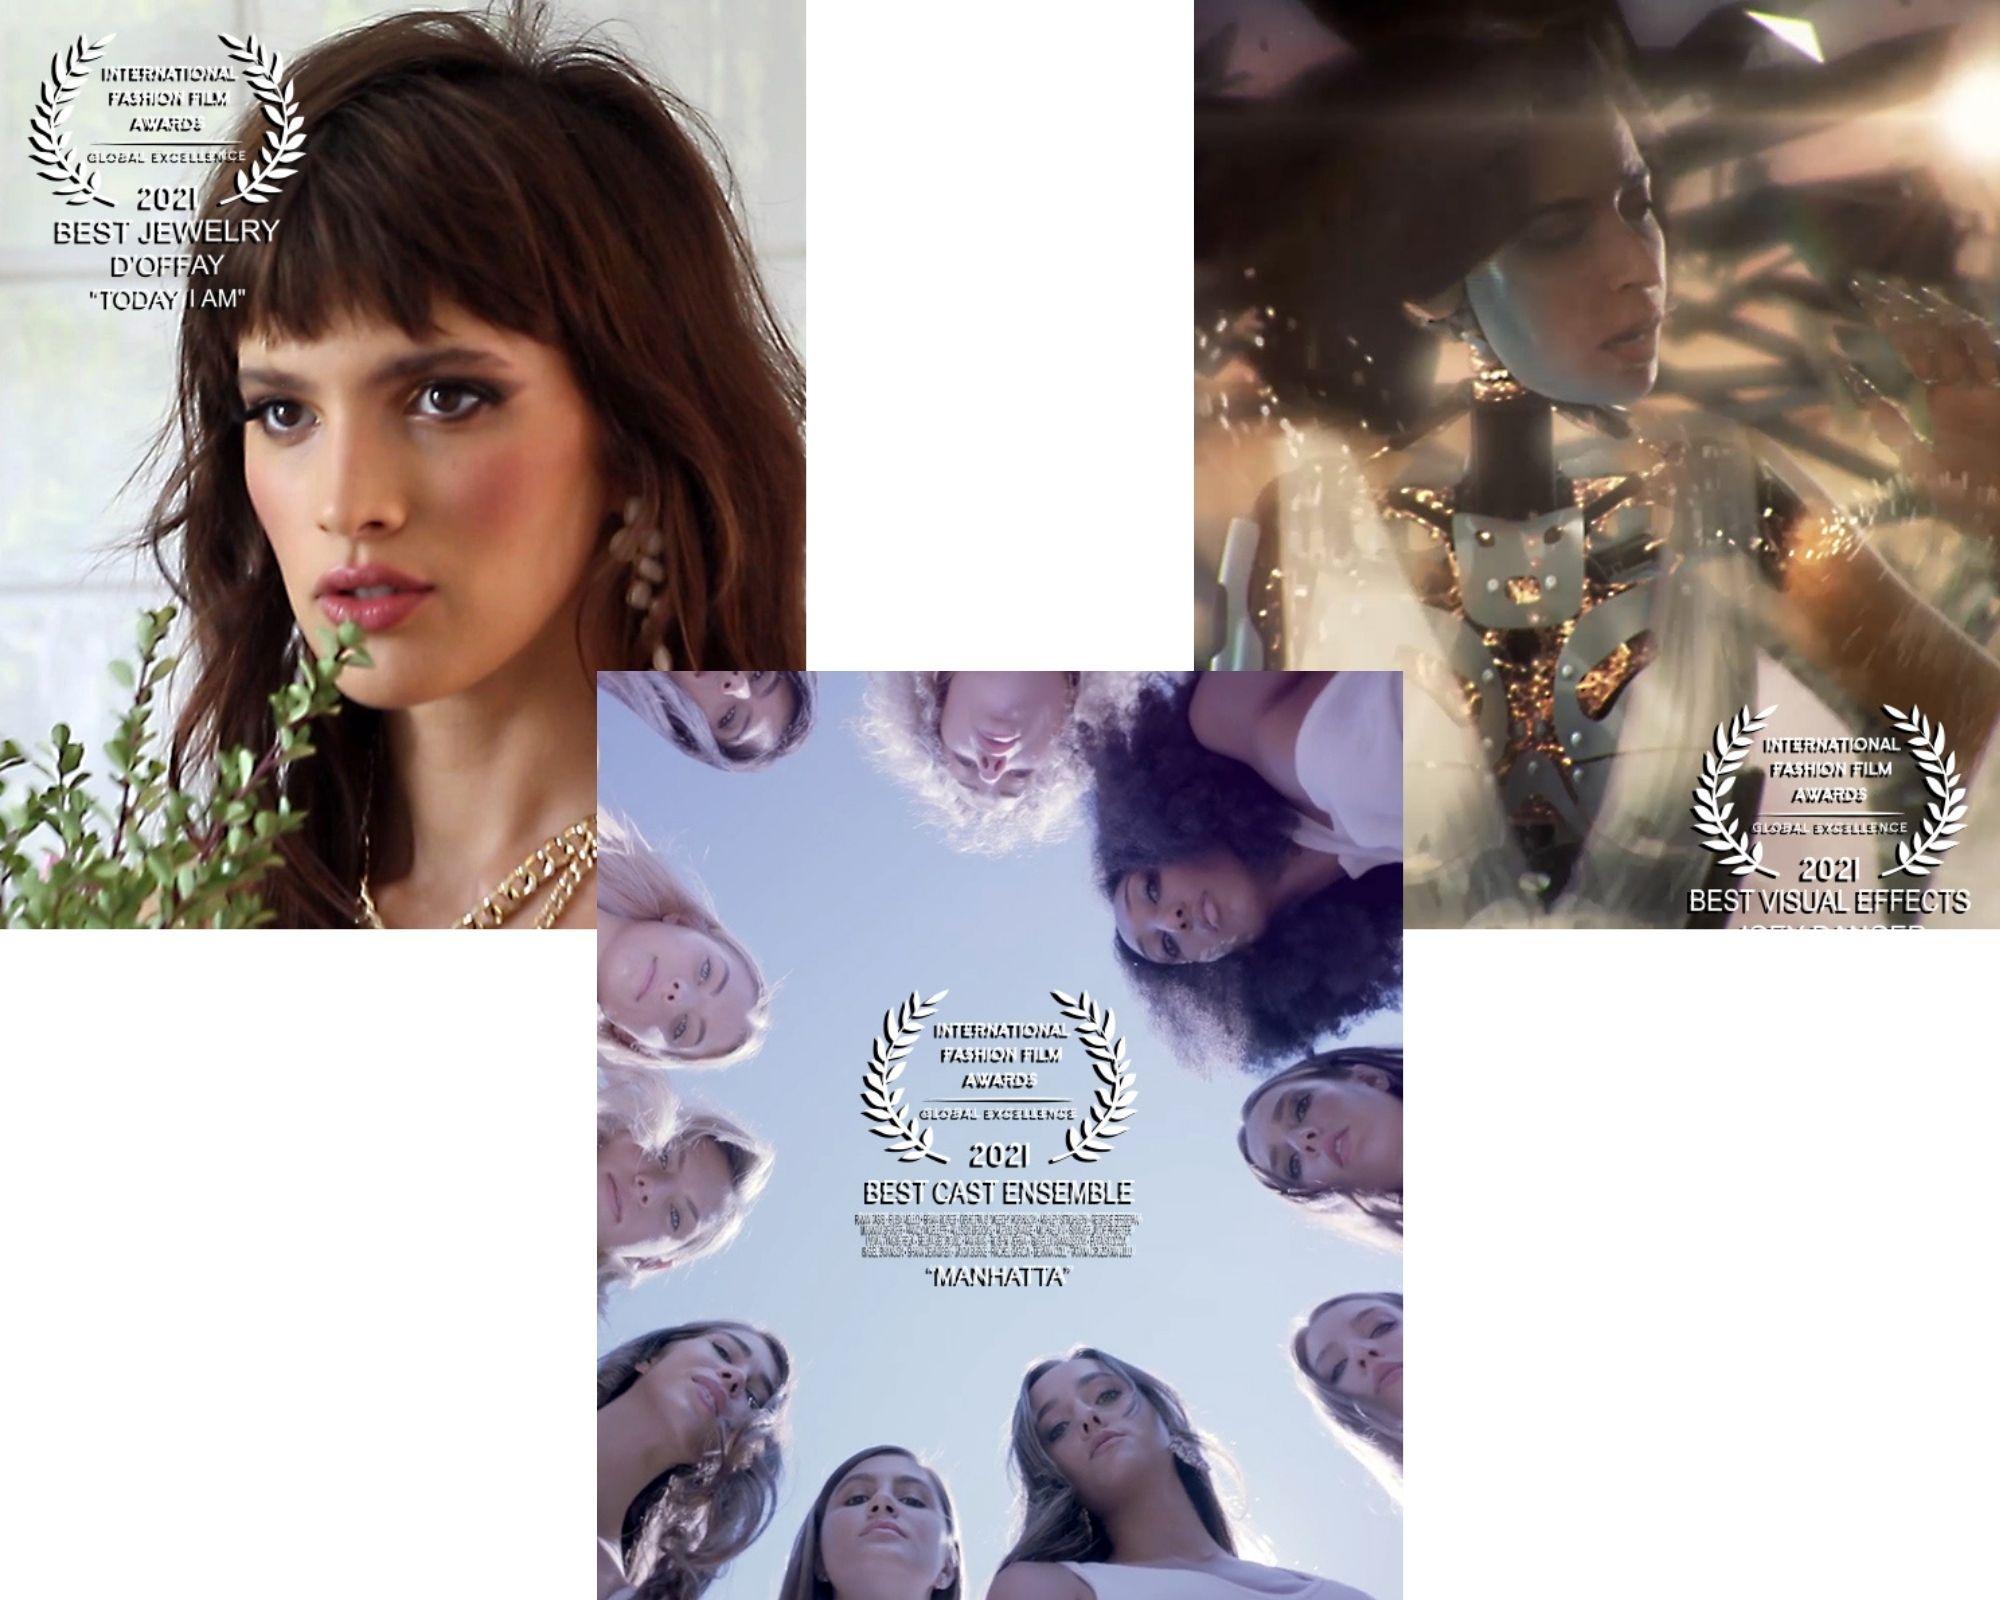 La Jolla Fashion Film Festival 2021